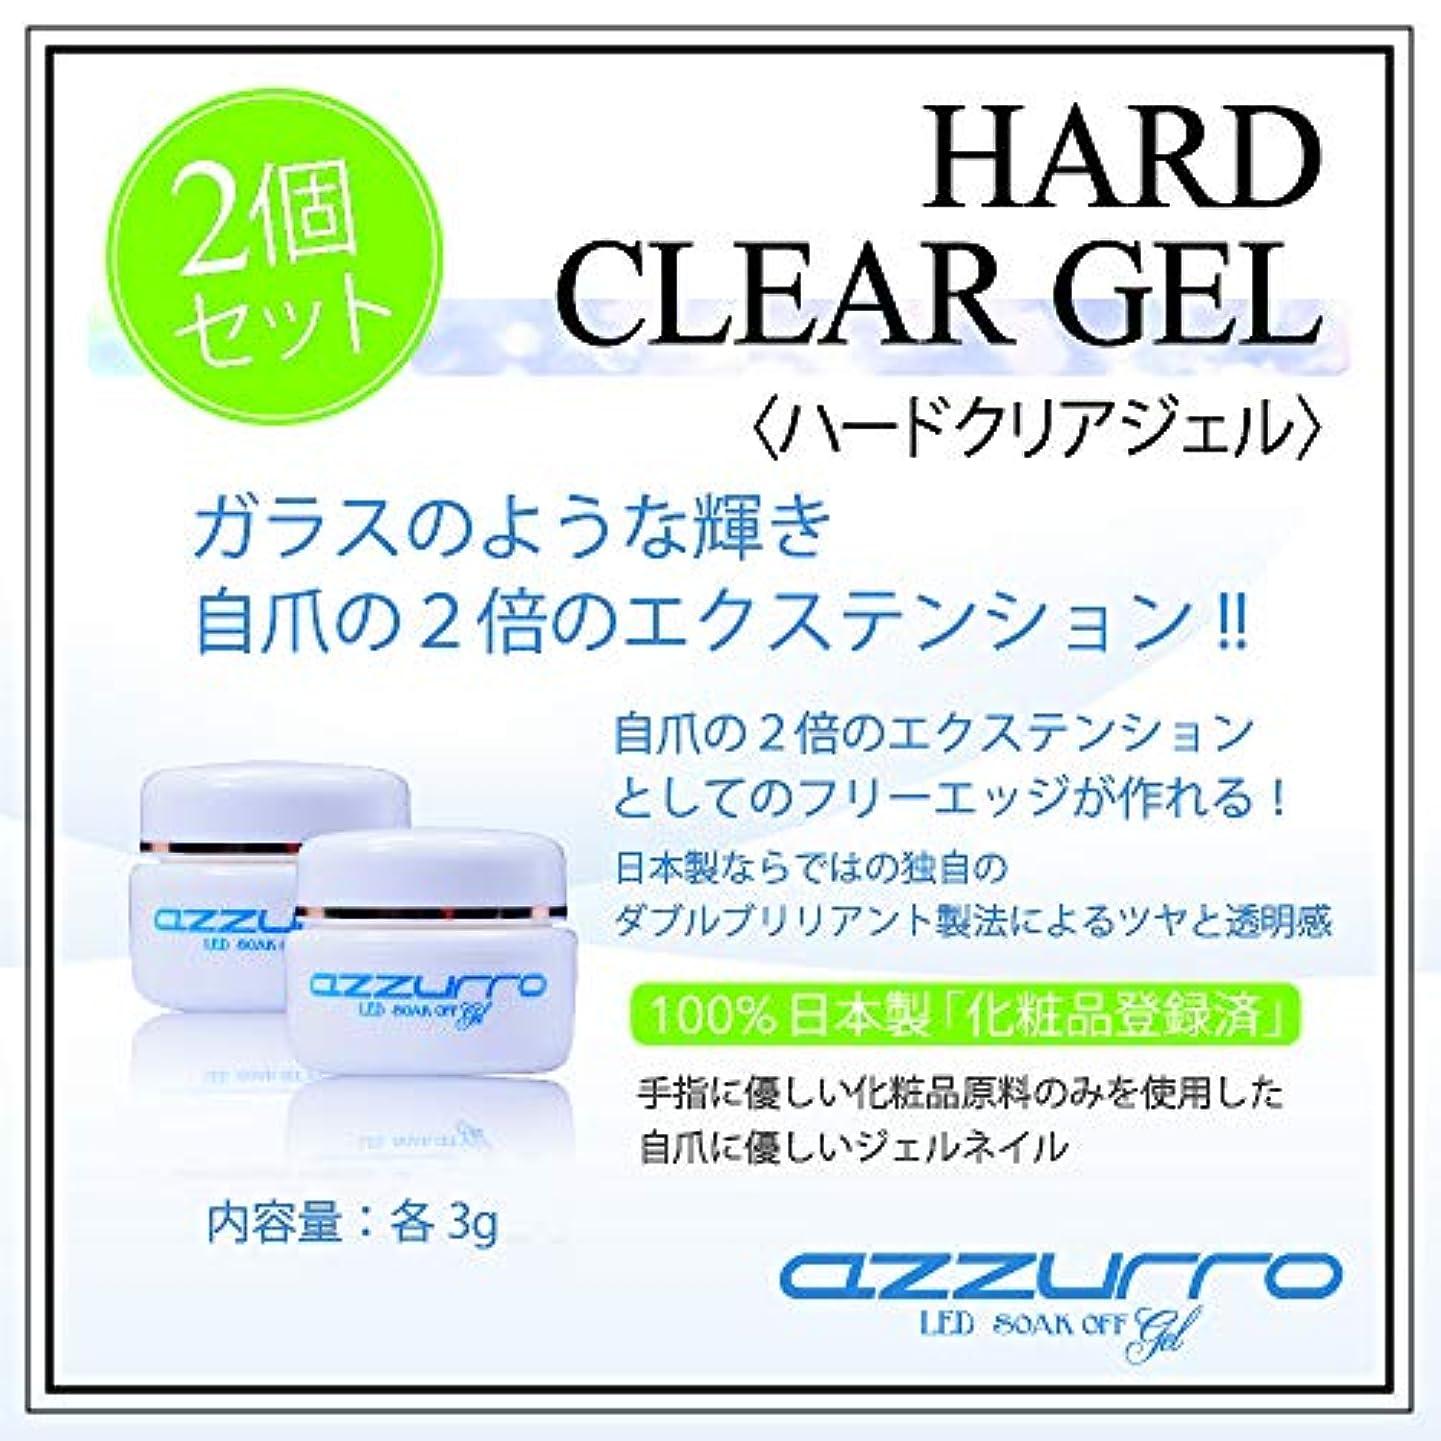 輝度ラケットクラックazzurro gel アッズーロハードクリアージェル 3g お得な2個セット キラキラ感持続 抜群のツヤ